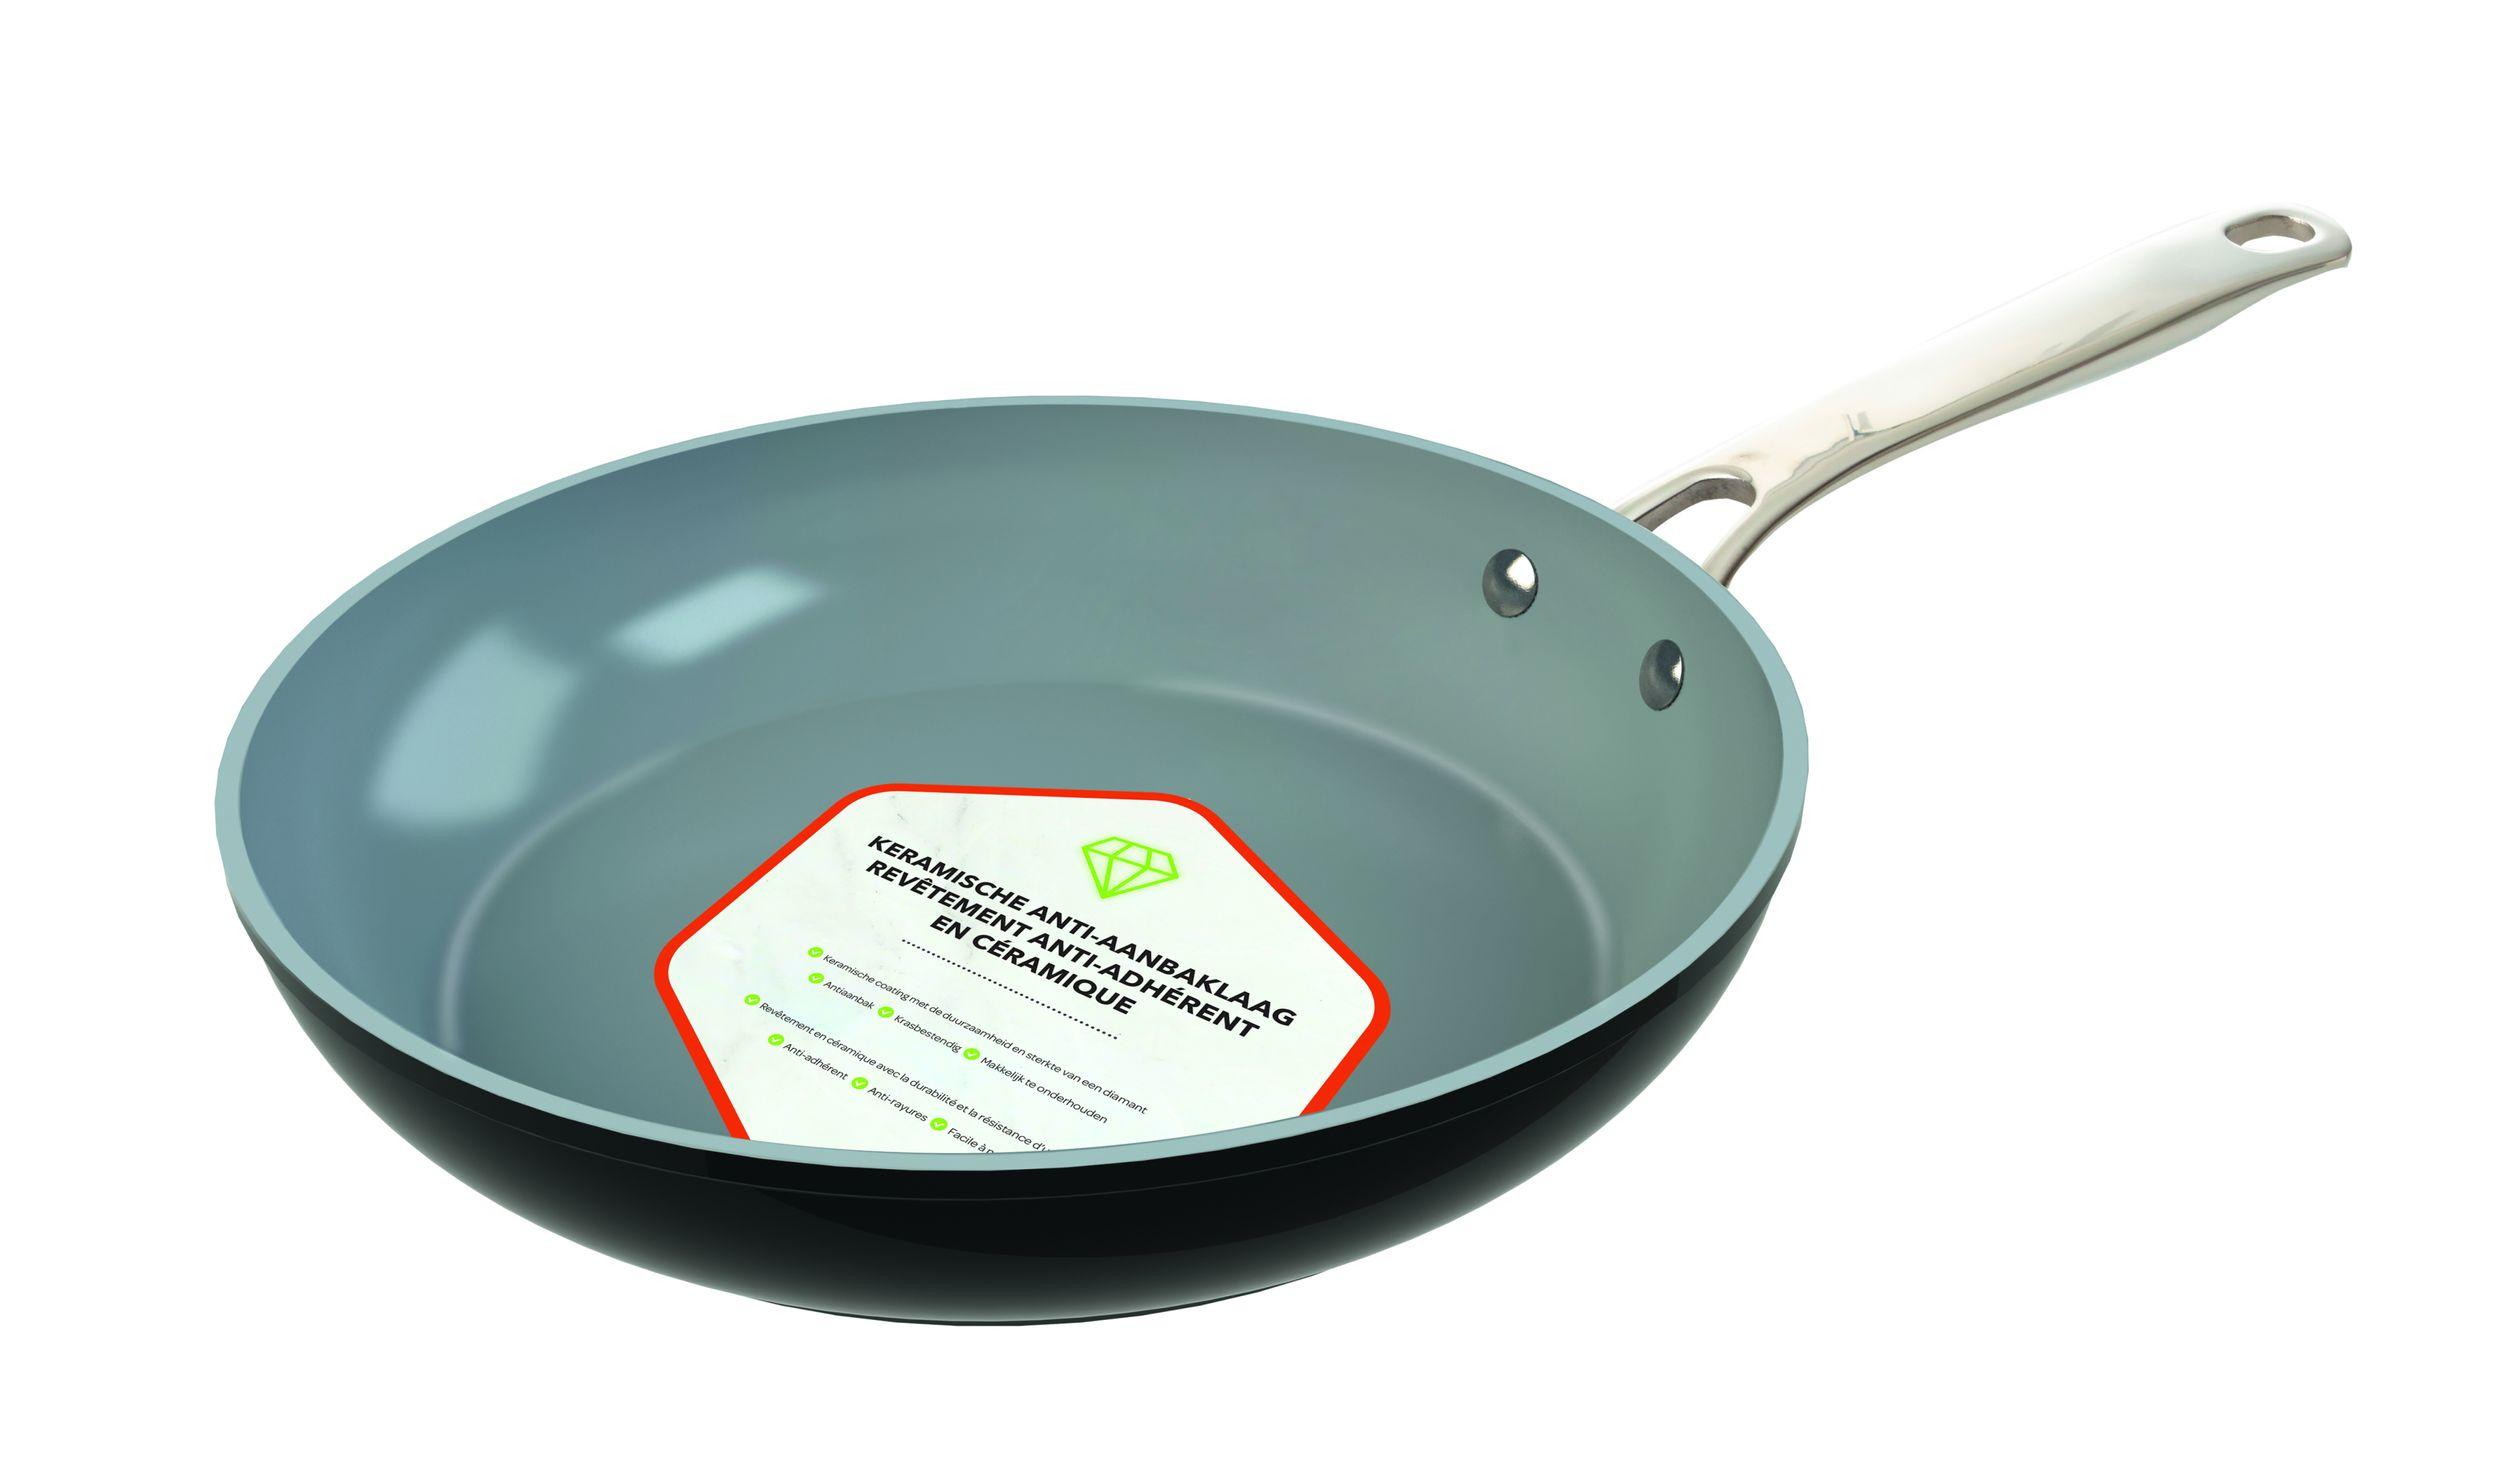 LAGUIOLE Bratpfanne Grillpfanne 28cm Stielpfanne Keramik nonstick Induktion inkl.Pfannenschutz*00870 Bild 4